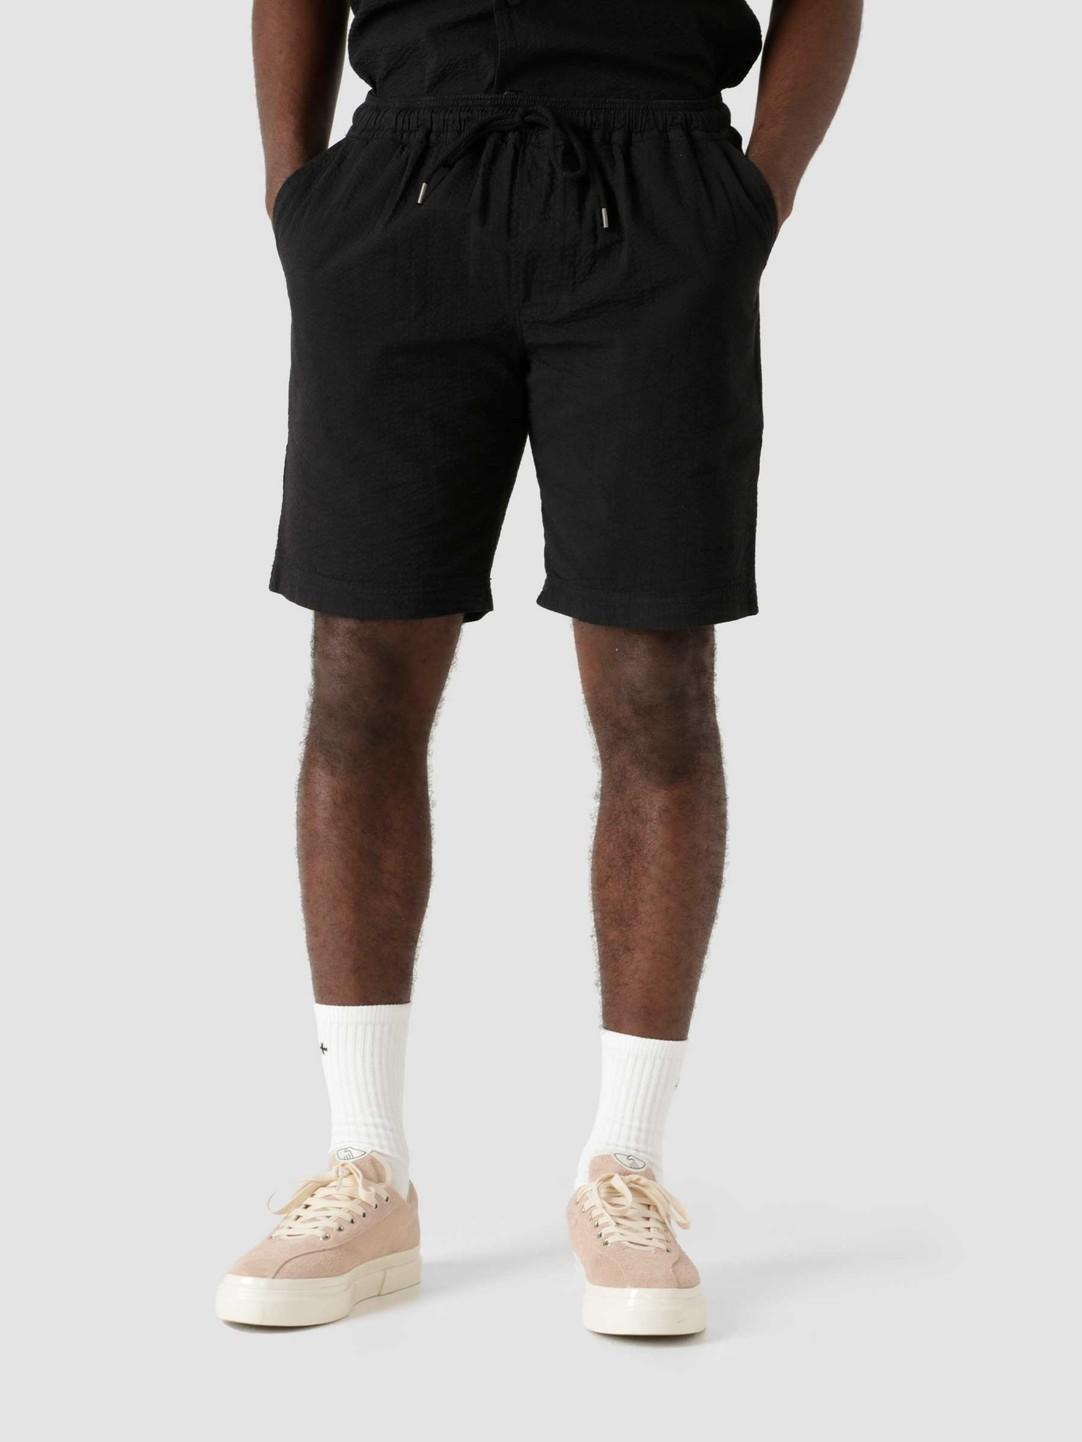 Quality Blanks Quality Blanks QB36 Seersucker Short Black